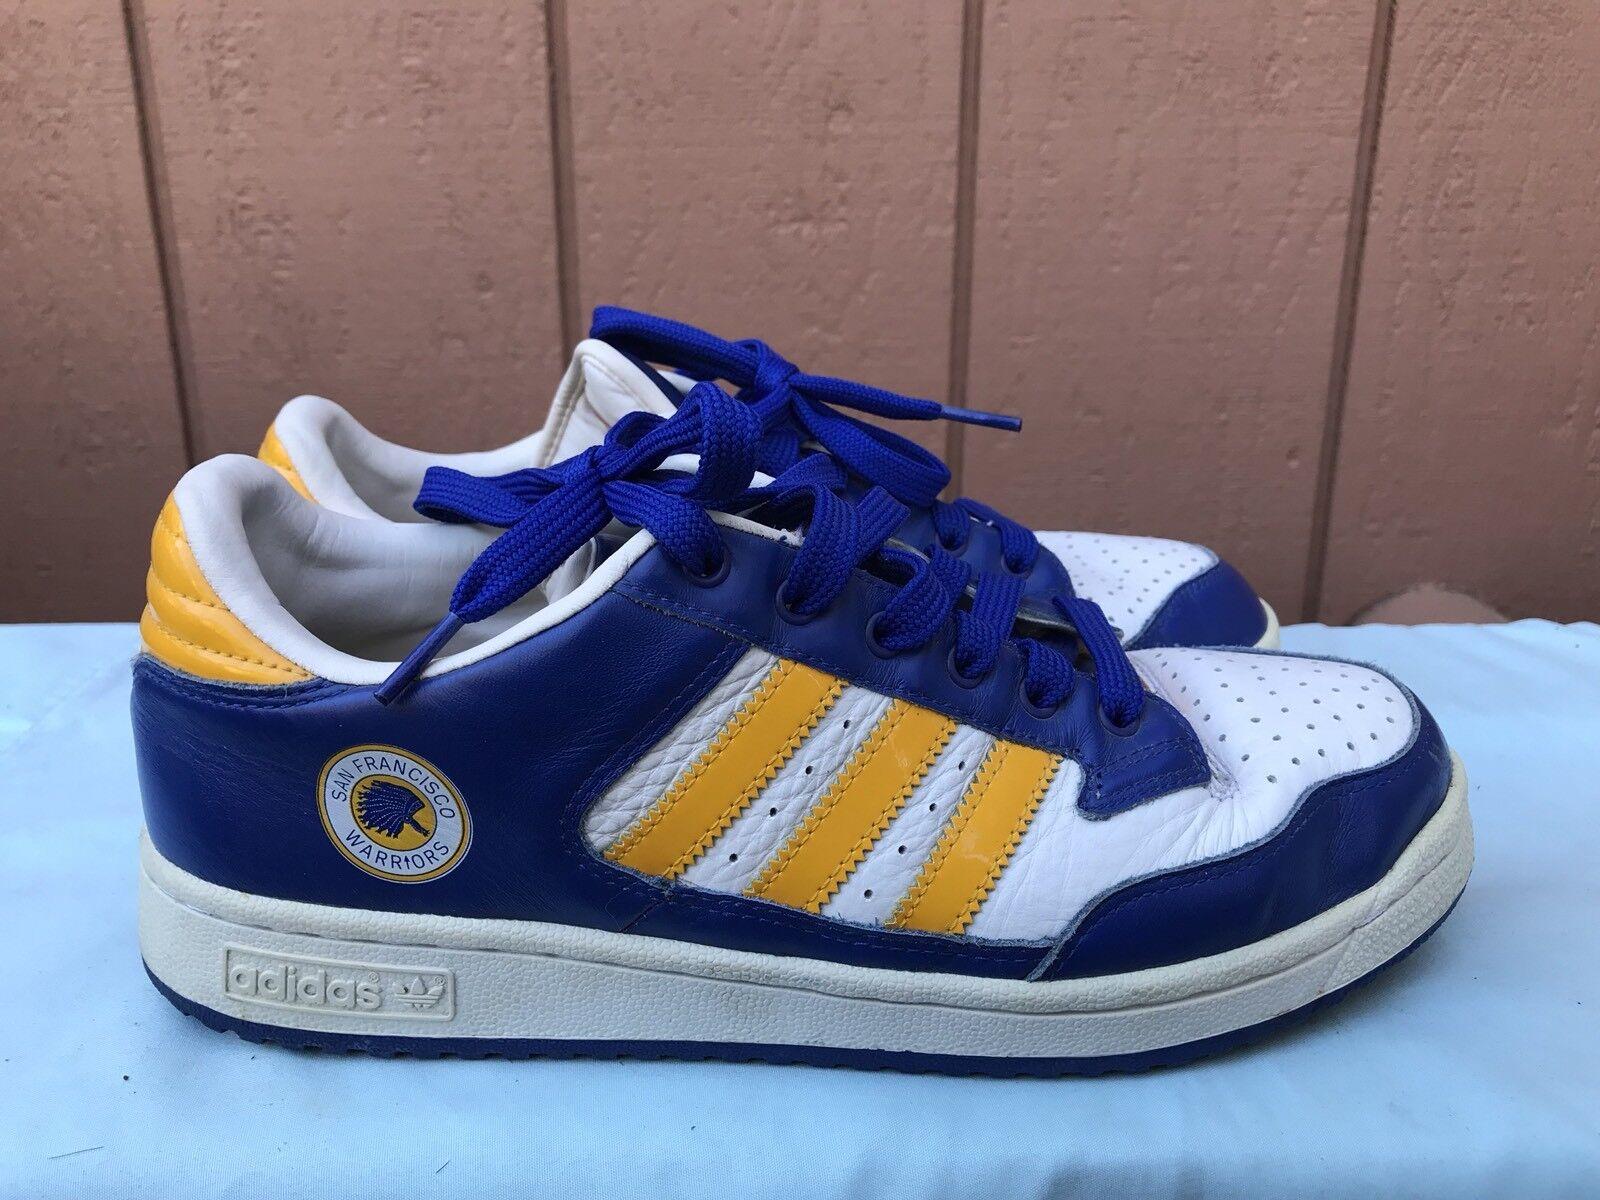 RARE EUC Adidas San Francisco WARRIORS US 9.5 Sneakers NBA Retro golden State A2